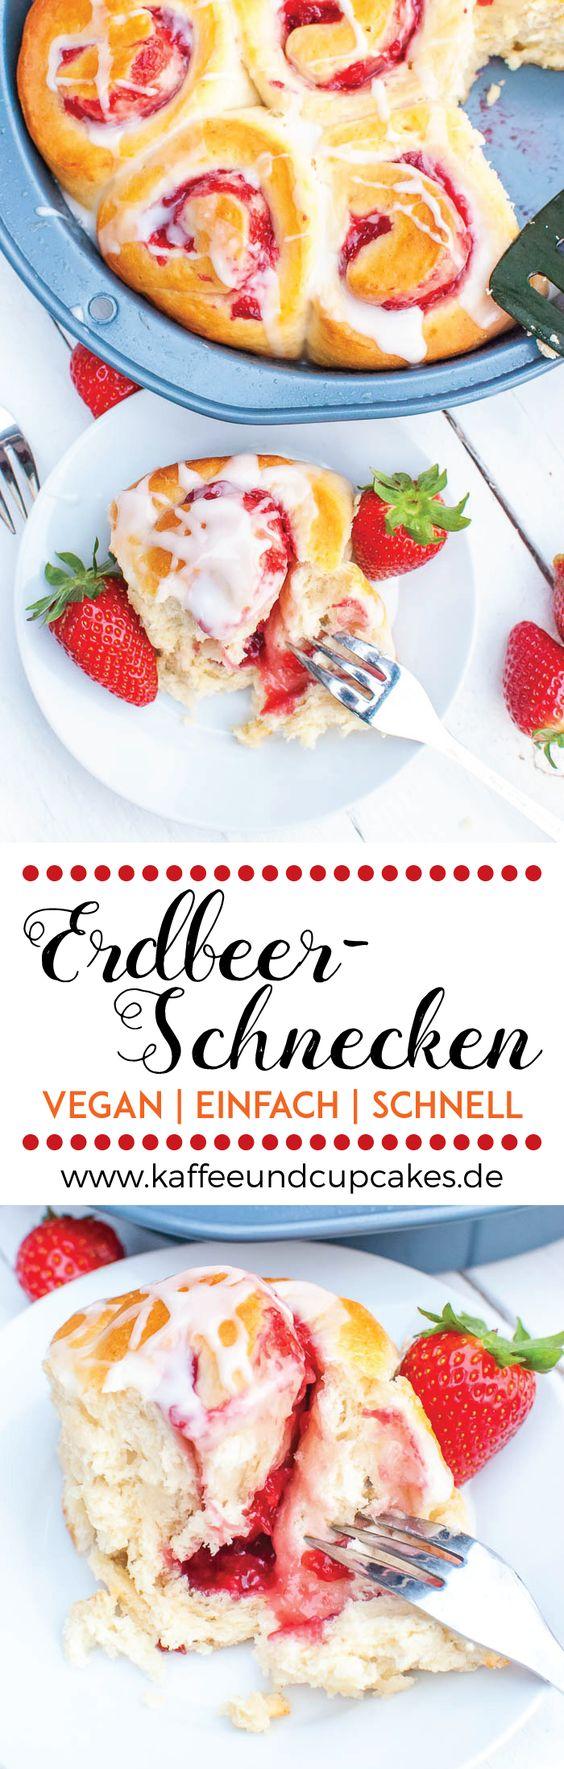 Schnelle vegane Erdbeer-Schnecken mit Guss | Kaffee & Cupcakes